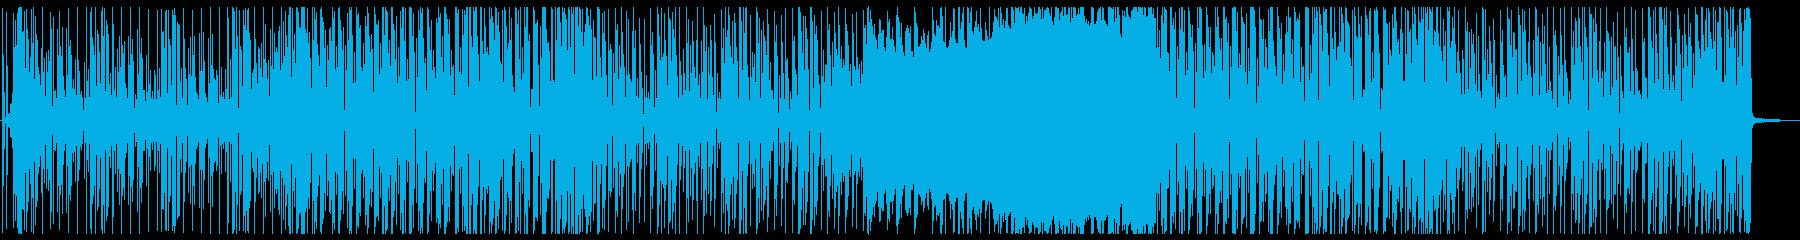 ゆるくて可愛らしいエレクトロポップの再生済みの波形